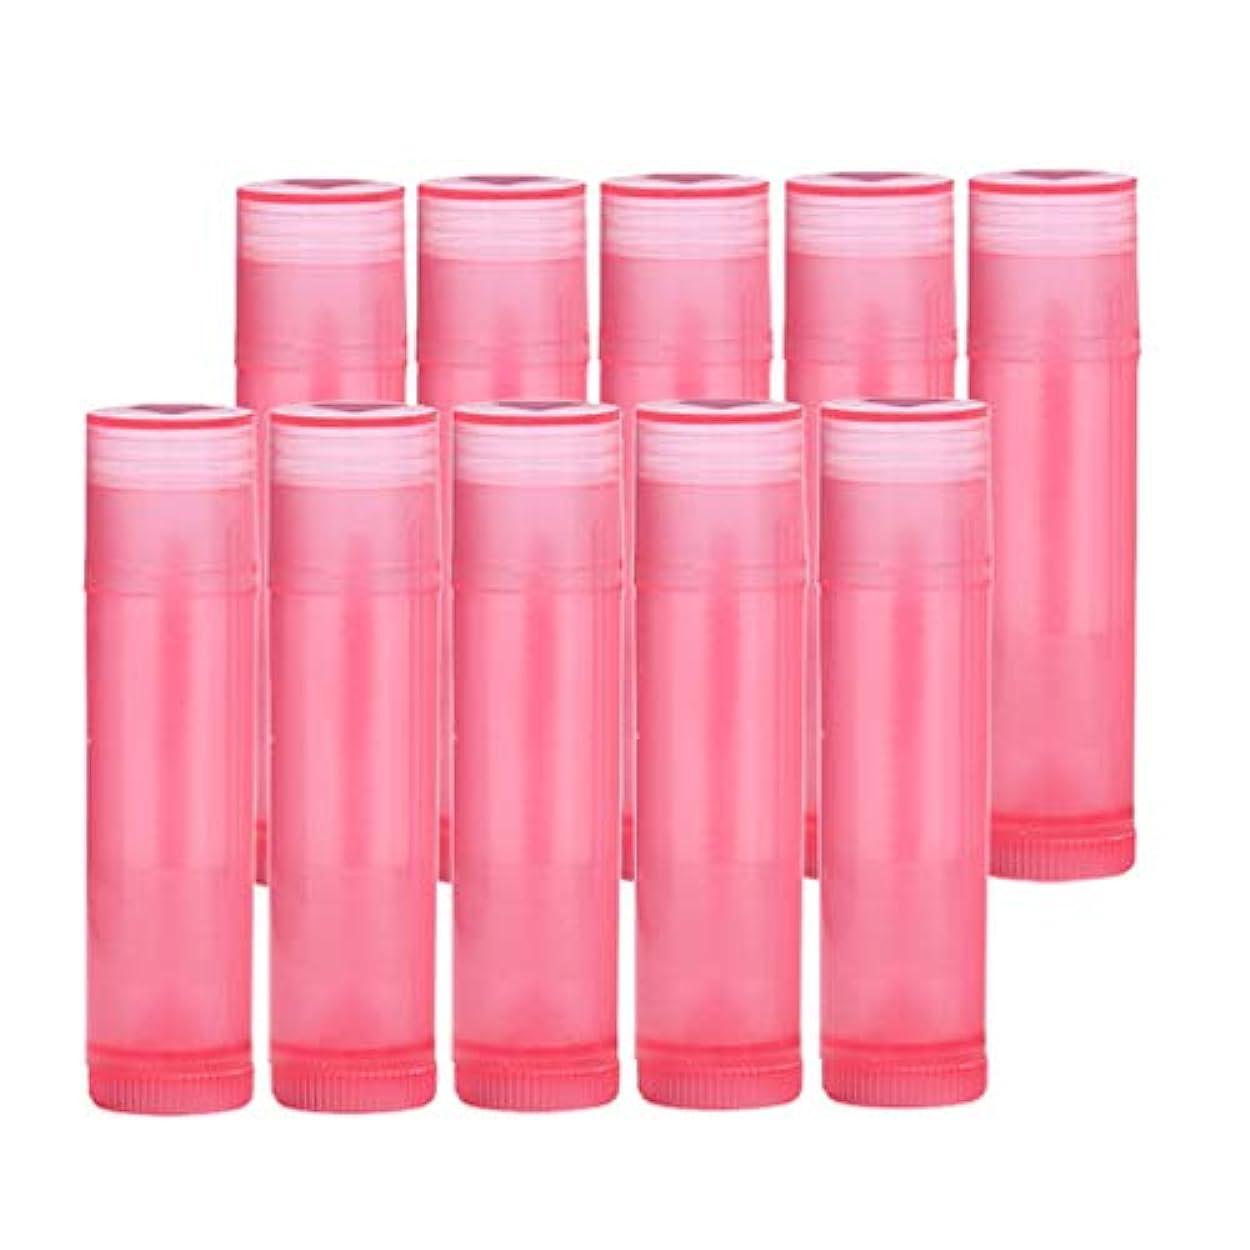 クレタしゃがむ誤解するプラスチック 空 口紅容器 口紅の管 リップクリーム容器 10個 全7色 - ローズレッド